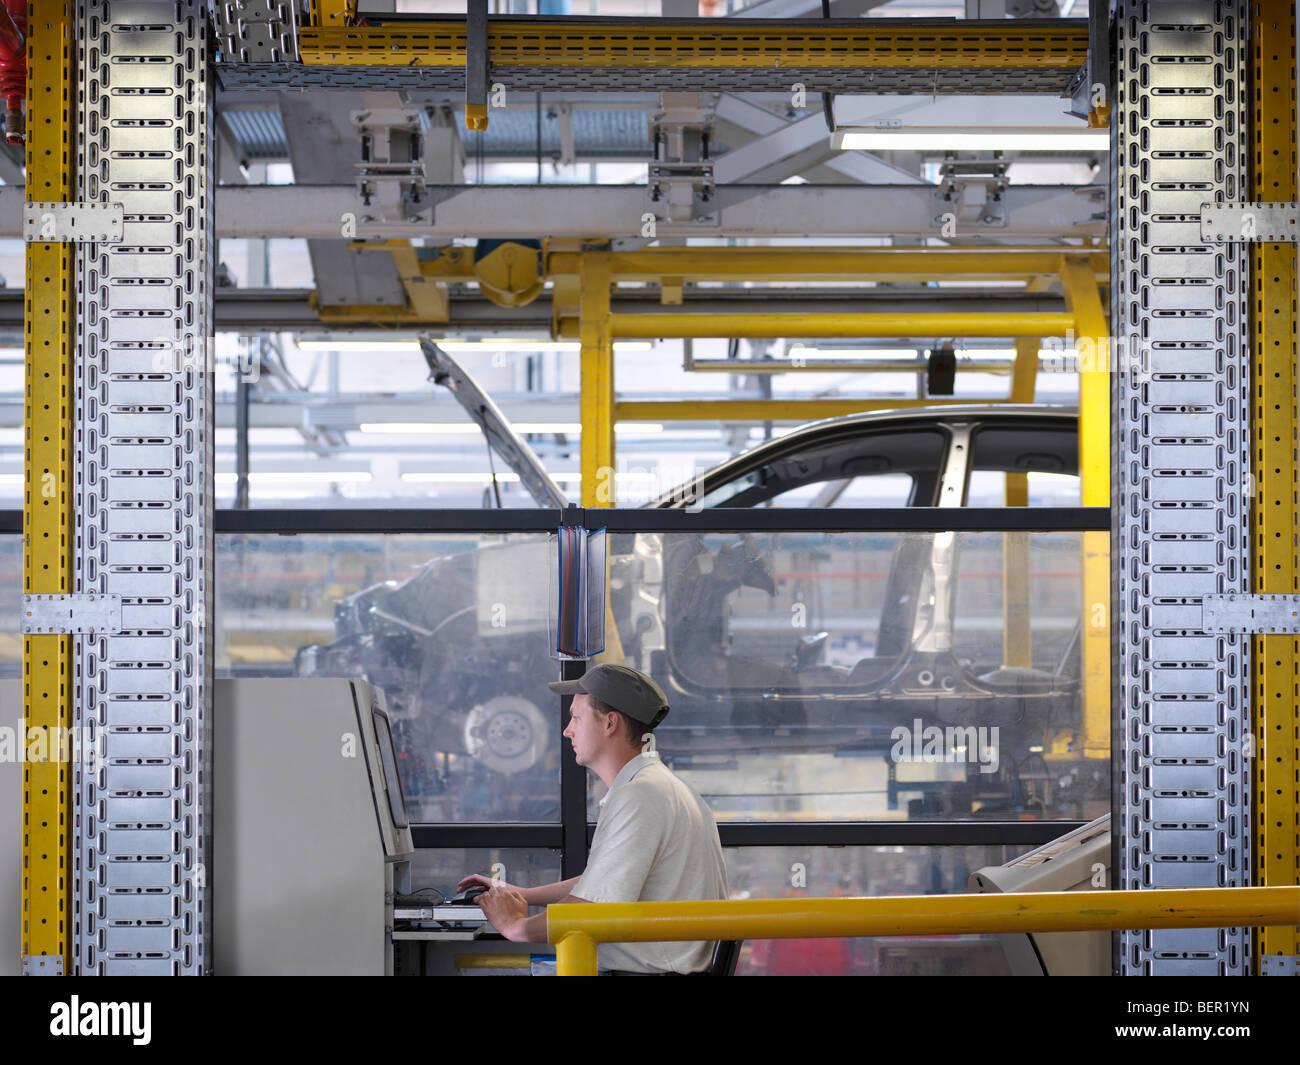 Worker bei Kontrollen am Fließband Stockbild